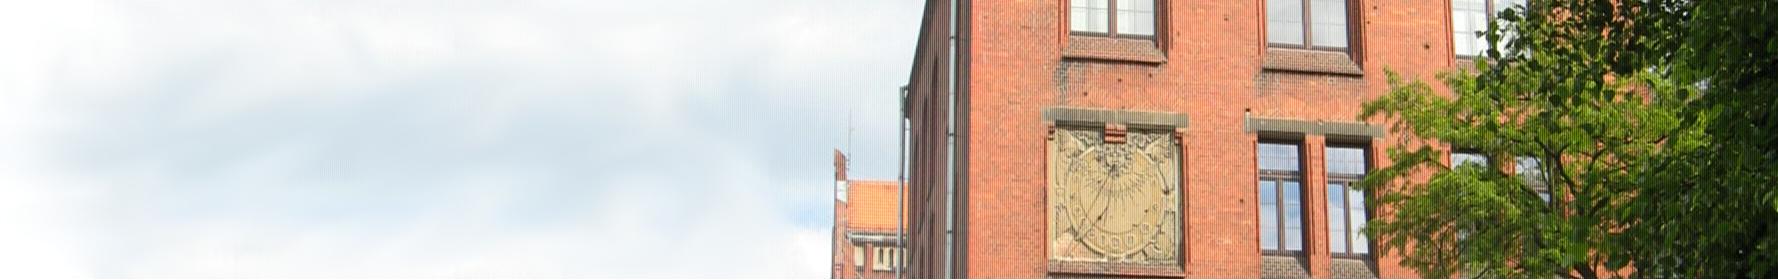 budynek ppp4